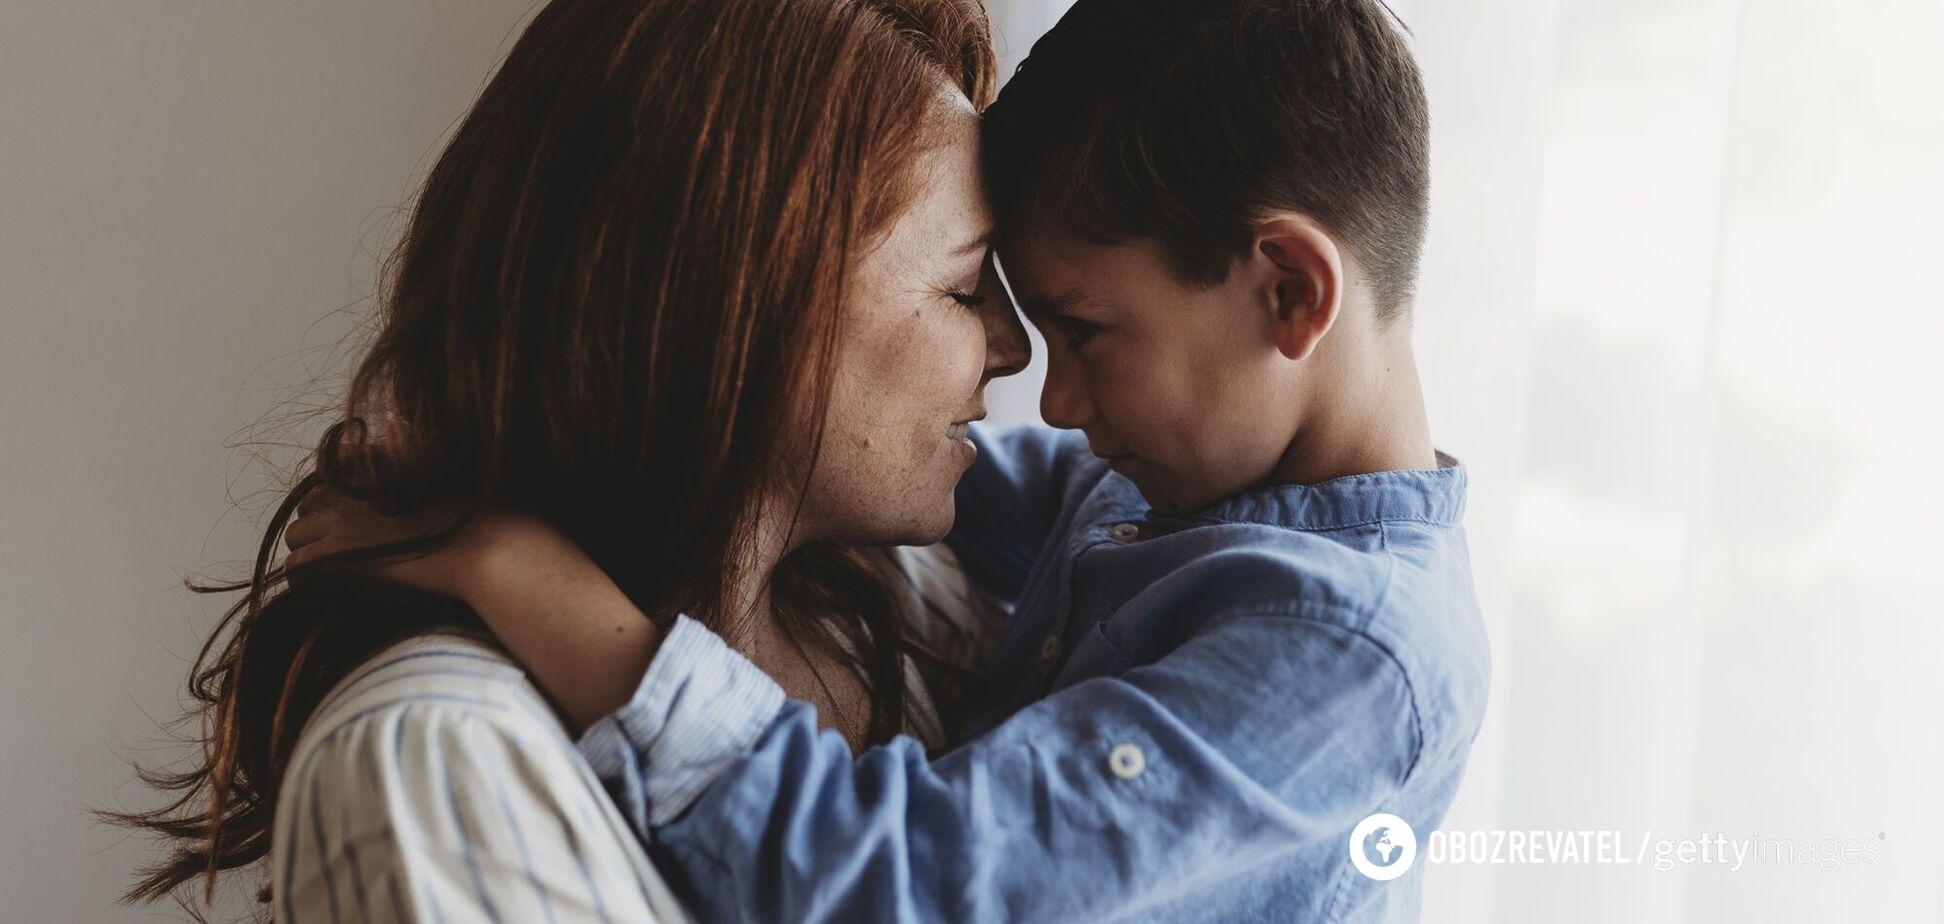 Мамы мальчиков: достаточно ли вы занимаетесь собой?